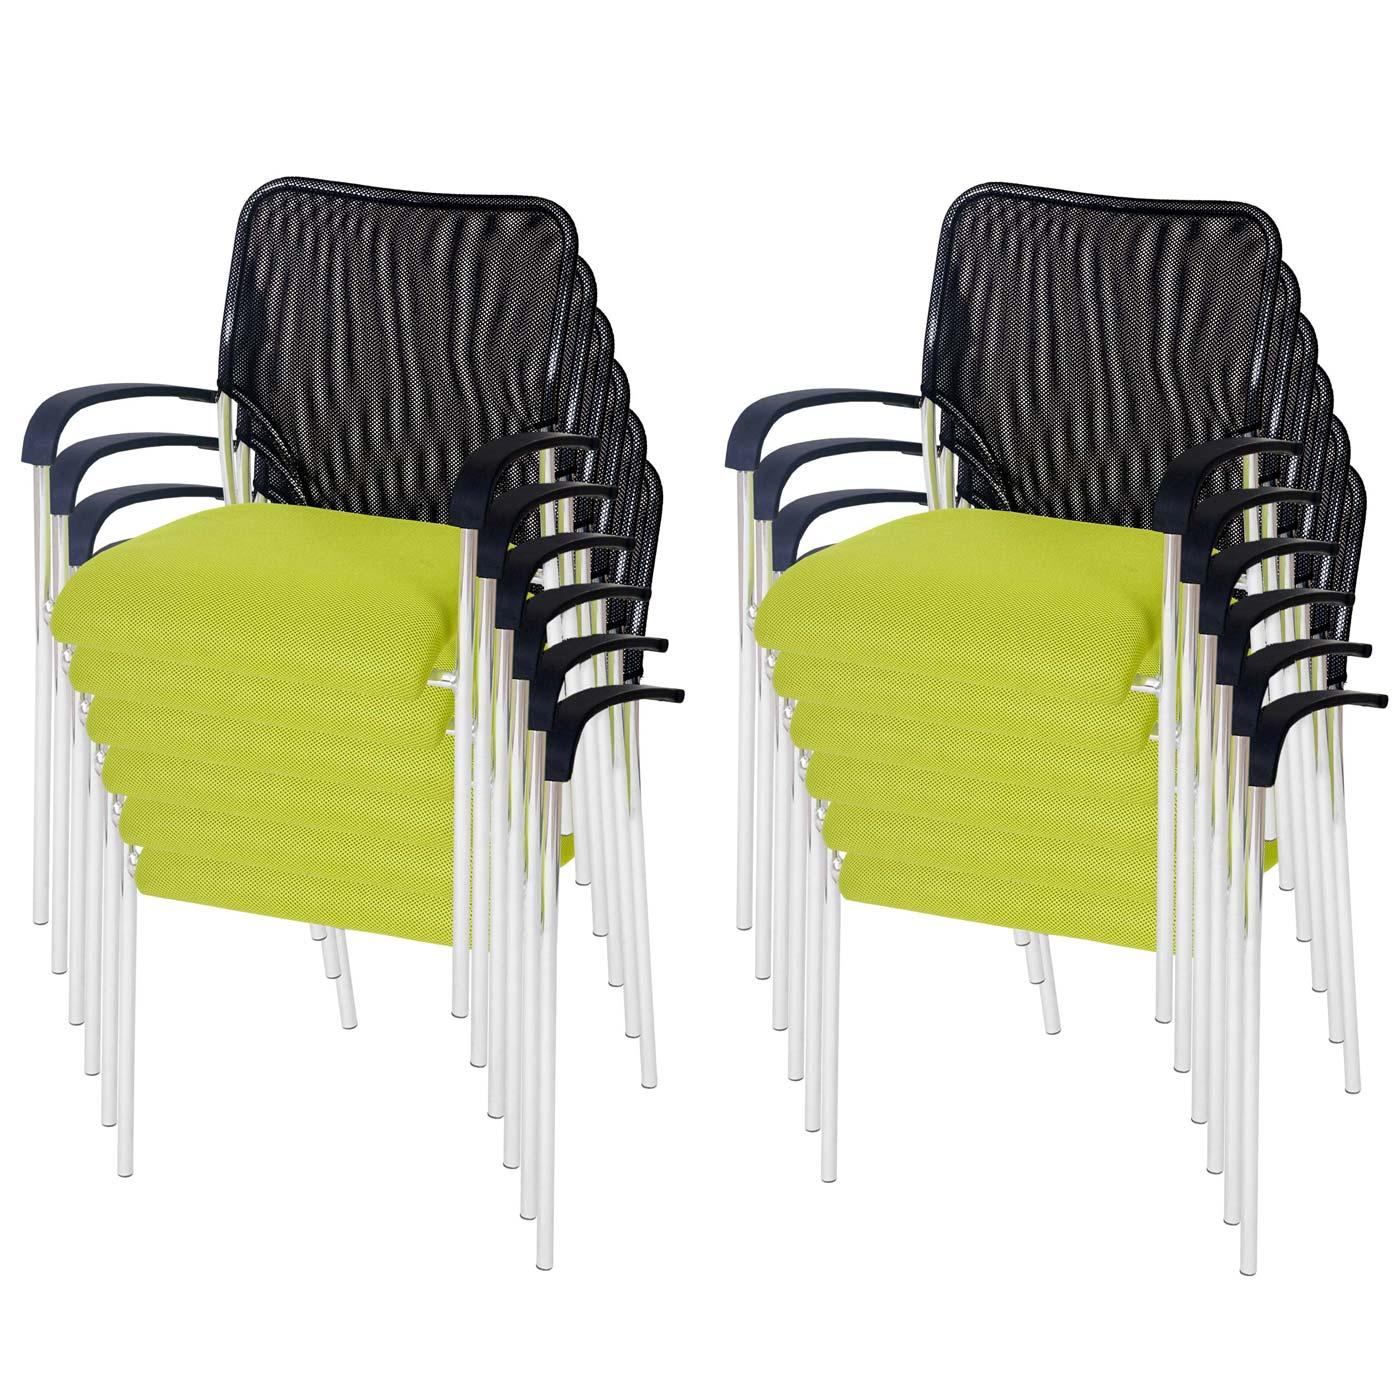 12x besucherstuhl tucson stapelbar textil sitz gr n r ckenfl che schwarz ebay. Black Bedroom Furniture Sets. Home Design Ideas